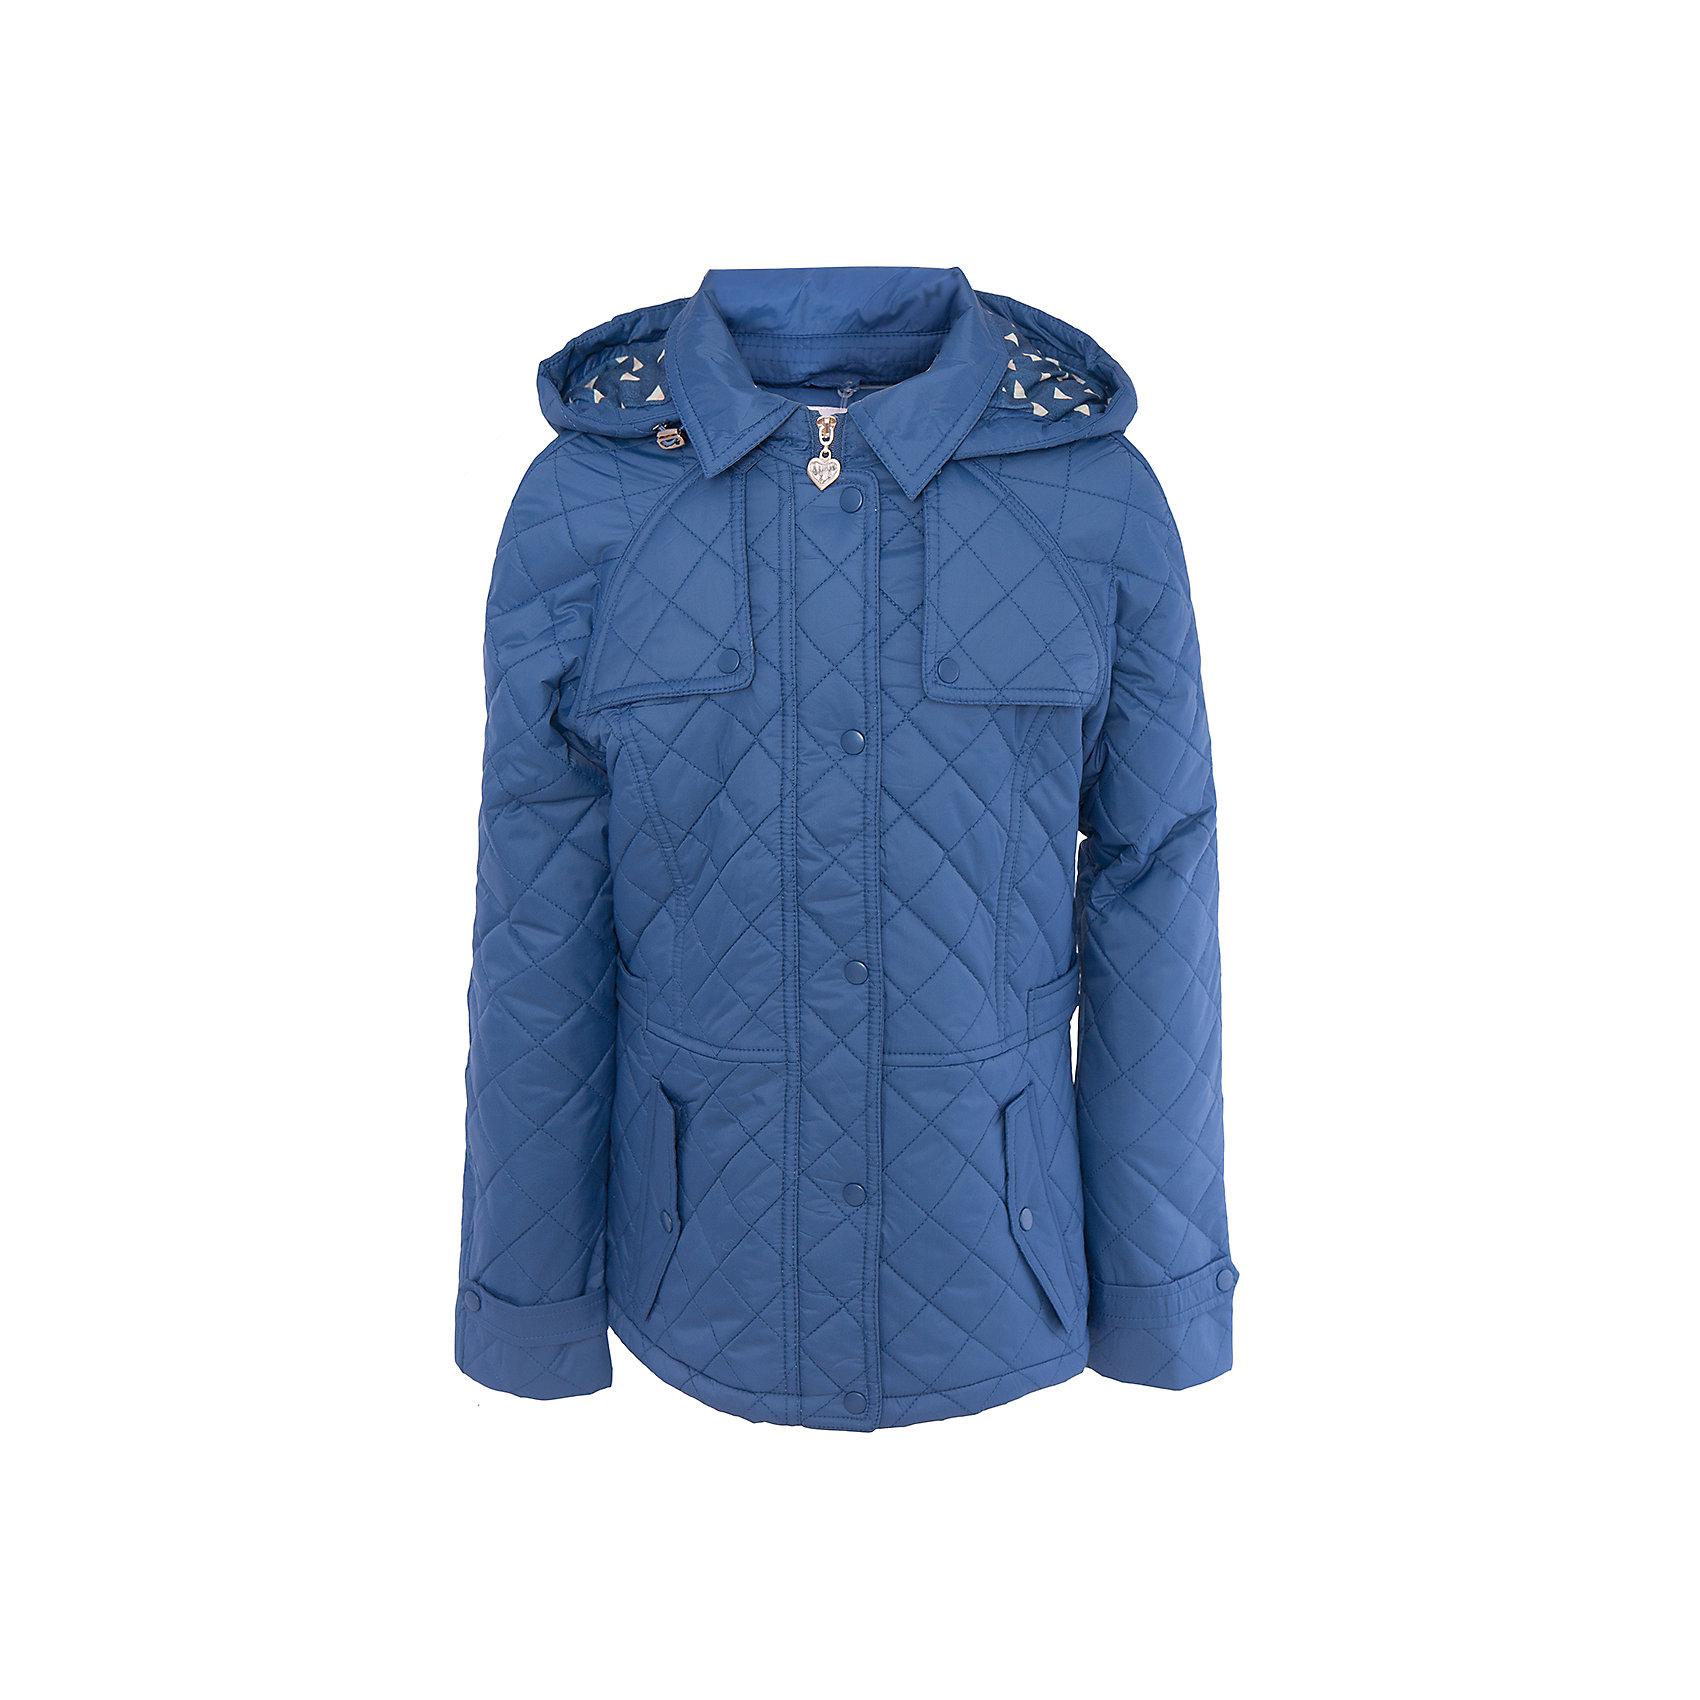 Куртка для девочки SELAВерхняя одежда<br>Характеристики товара:<br><br>• цвет: синий<br>• состав: 100% ПА; подкладка: 90% ПЭ, 10% хлопок; подкладка рукава: 100% ПЭ; утеплитель: 100% ПЭ<br>• температурный режим: от +5°до +15°С<br>• демисезон<br>• силуэт полуприлегающий<br>• отложной воротник<br>• молния<br>• планка от ветра<br>• стеганая<br>• съёмный капюшон дополнен кулиской<br>• два кармана на кнопках<br>• коллекция весна-лето 2017<br>• страна бренда: Российская Федерация<br>• страна изготовитель: Китай<br><br>Вещи из новой коллекции SELA продолжают радовать удобством! Легкая куртка для девочки поможет разнообразить гардероб ребенка и обеспечить комфорт. Она отлично сочетается с юбками и брюками. Очень стильно смотрится!<br><br>Одежда, обувь и аксессуары от российского бренда SELA не зря пользуются большой популярностью у детей и взрослых! Модели этой марки - стильные и удобные, цена при этом неизменно остается доступной. Для их производства используются только безопасные, качественные материалы и фурнитура. Новая коллекция поддерживает хорошие традиции бренда! <br><br>Куртку для девочки от популярного бренда SELA (СЕЛА) можно купить в нашем интернет-магазине.<br><br>Ширина мм: 356<br>Глубина мм: 10<br>Высота мм: 245<br>Вес г: 519<br>Цвет: синий<br>Возраст от месяцев: 84<br>Возраст до месяцев: 96<br>Пол: Женский<br>Возраст: Детский<br>Размер: 152,116,128,140<br>SKU: 5305178